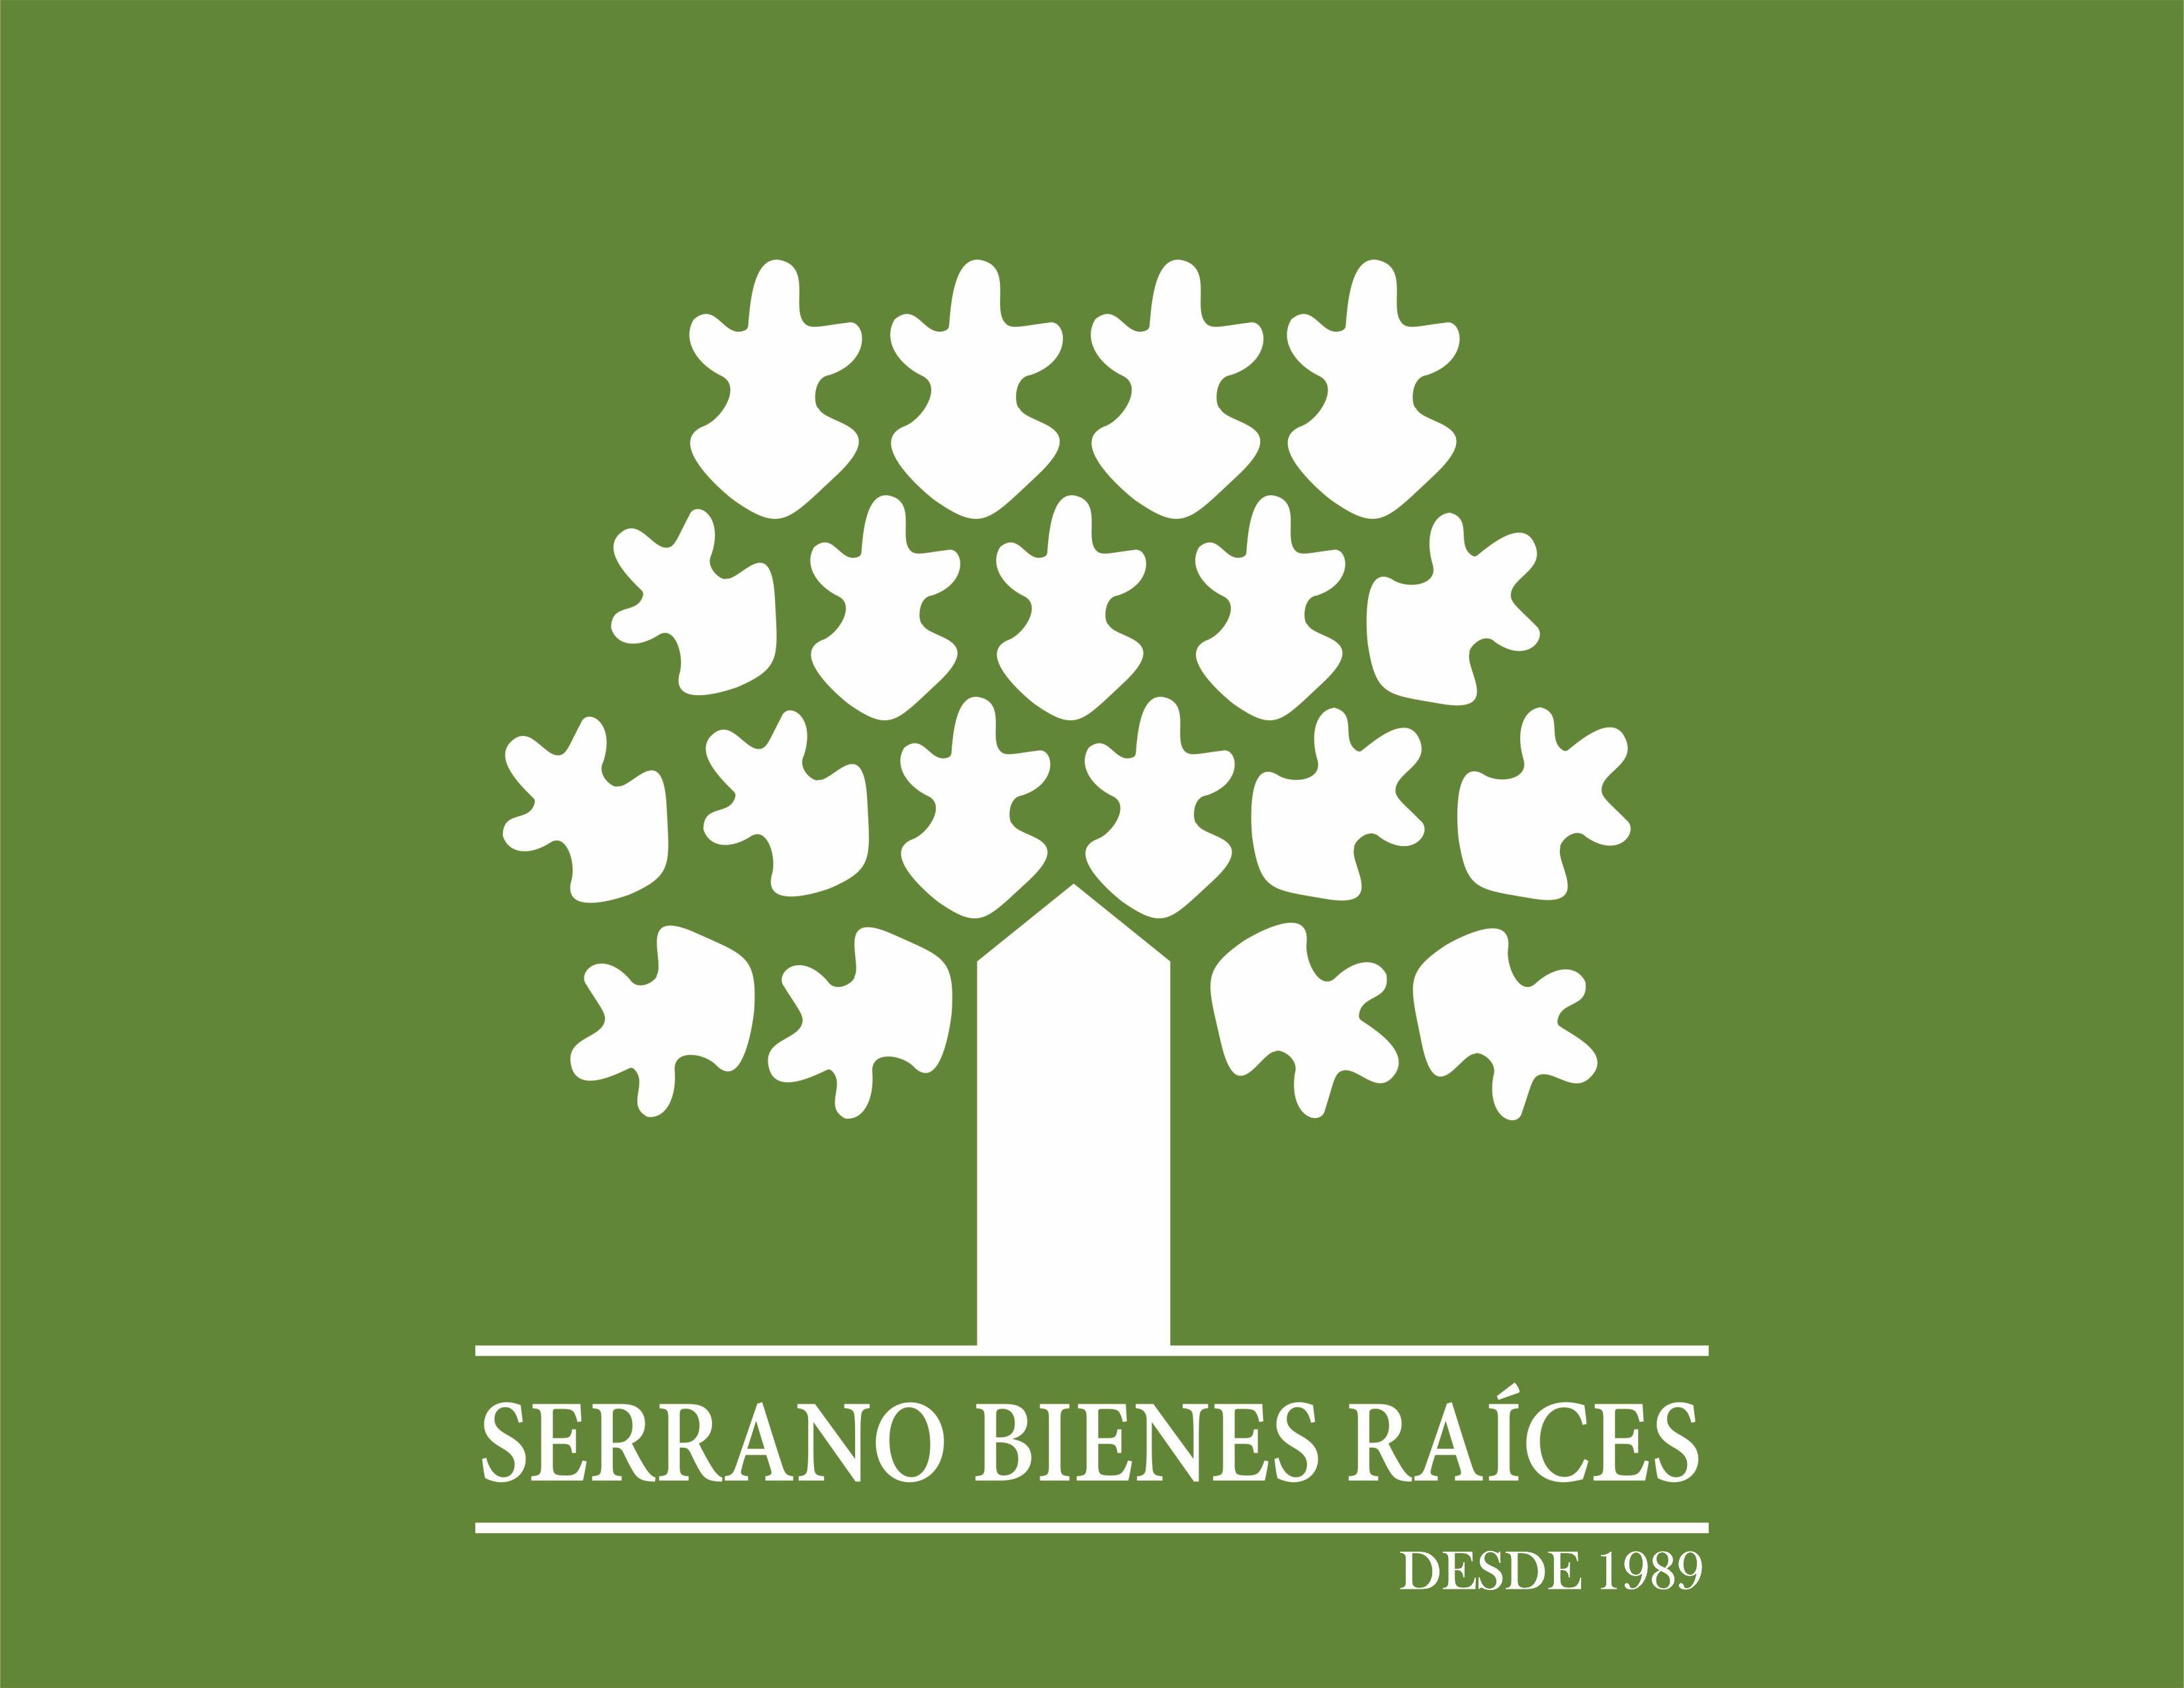 SERRANO_BIENES_RAICES.jpg